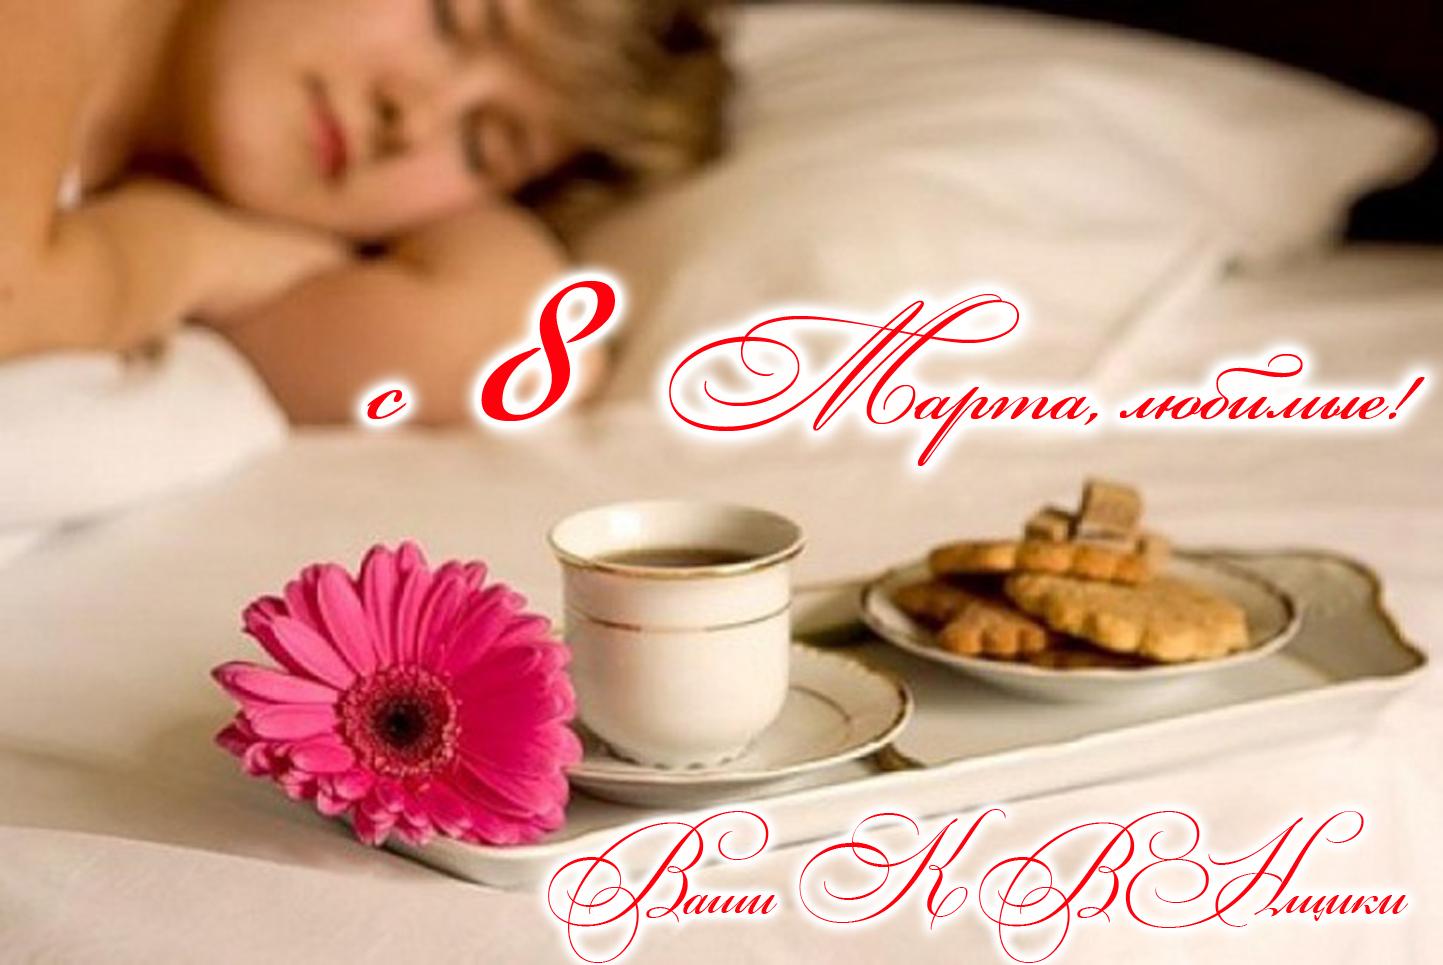 Приятное пробуждение заказывали фото 23 фотография